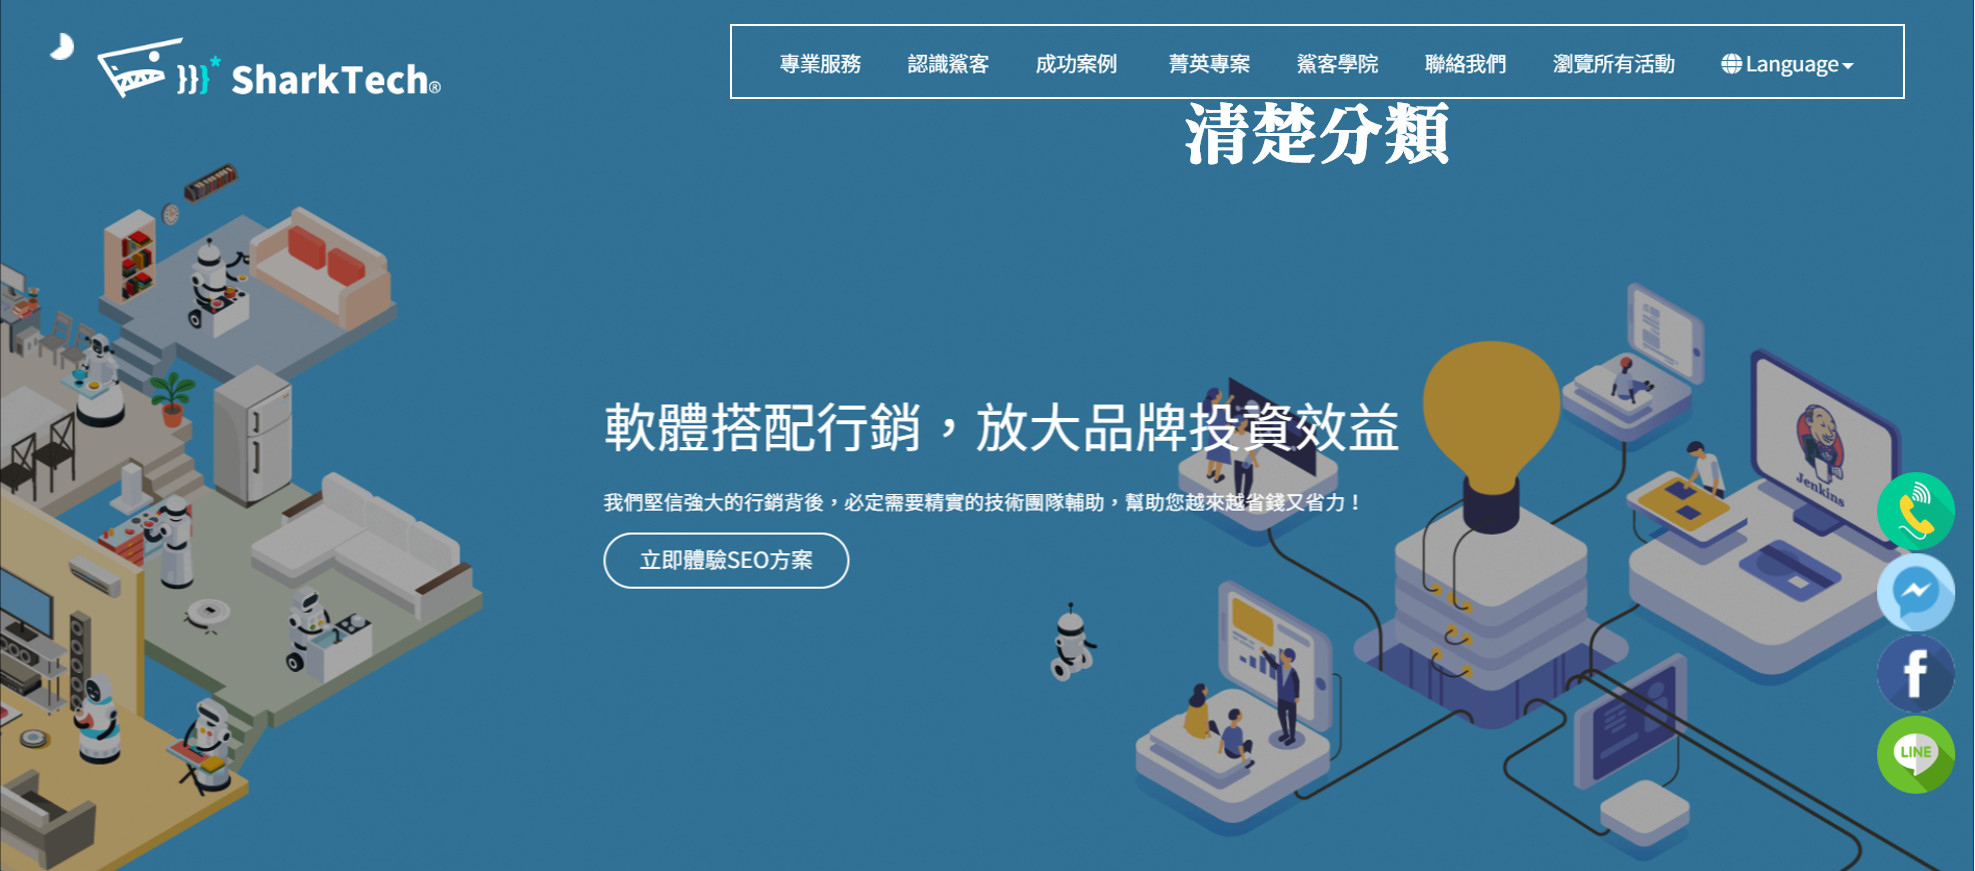 網站架構清楚有助於出現sitelinks-鯊客科技SEO優化公司